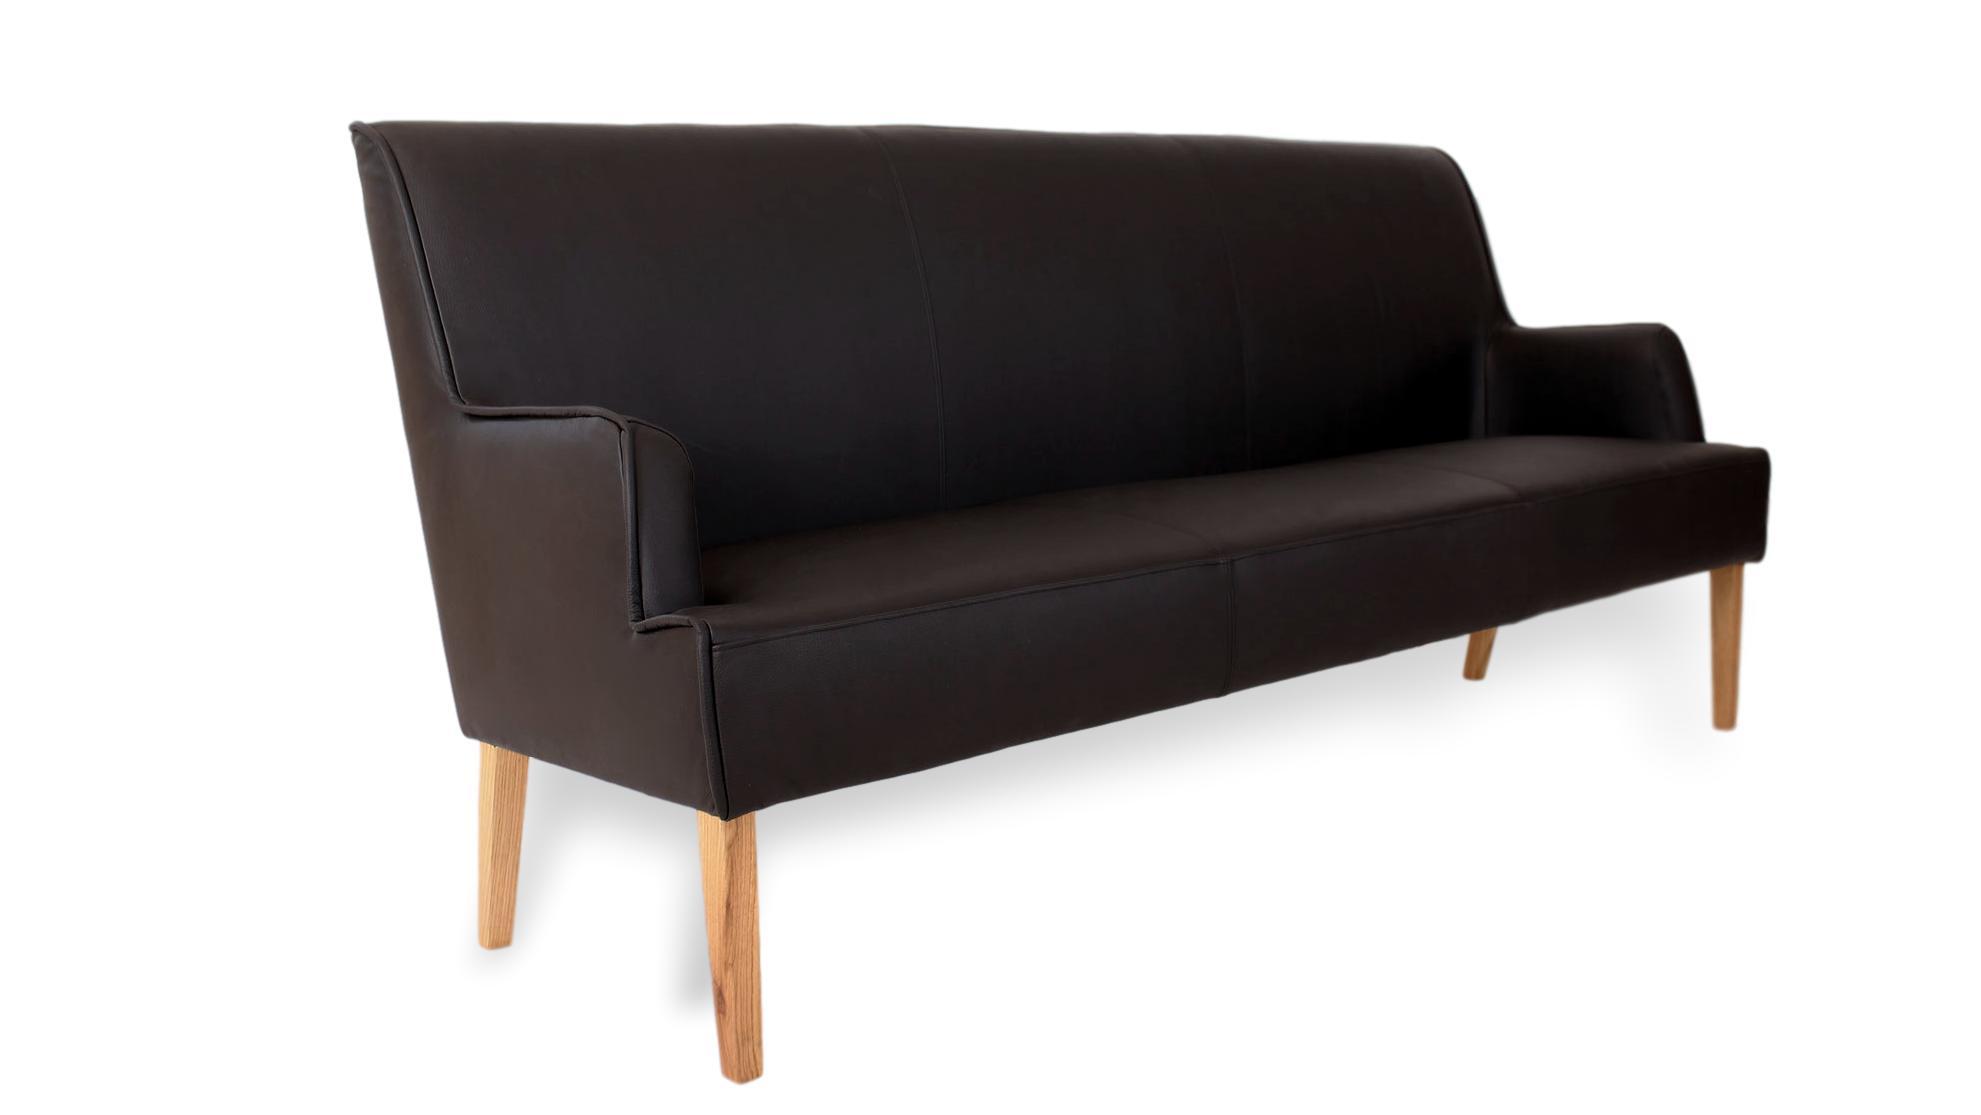 BUNIKA | Nostalgische Sitzbank mit hohem Komfort | Echtleder